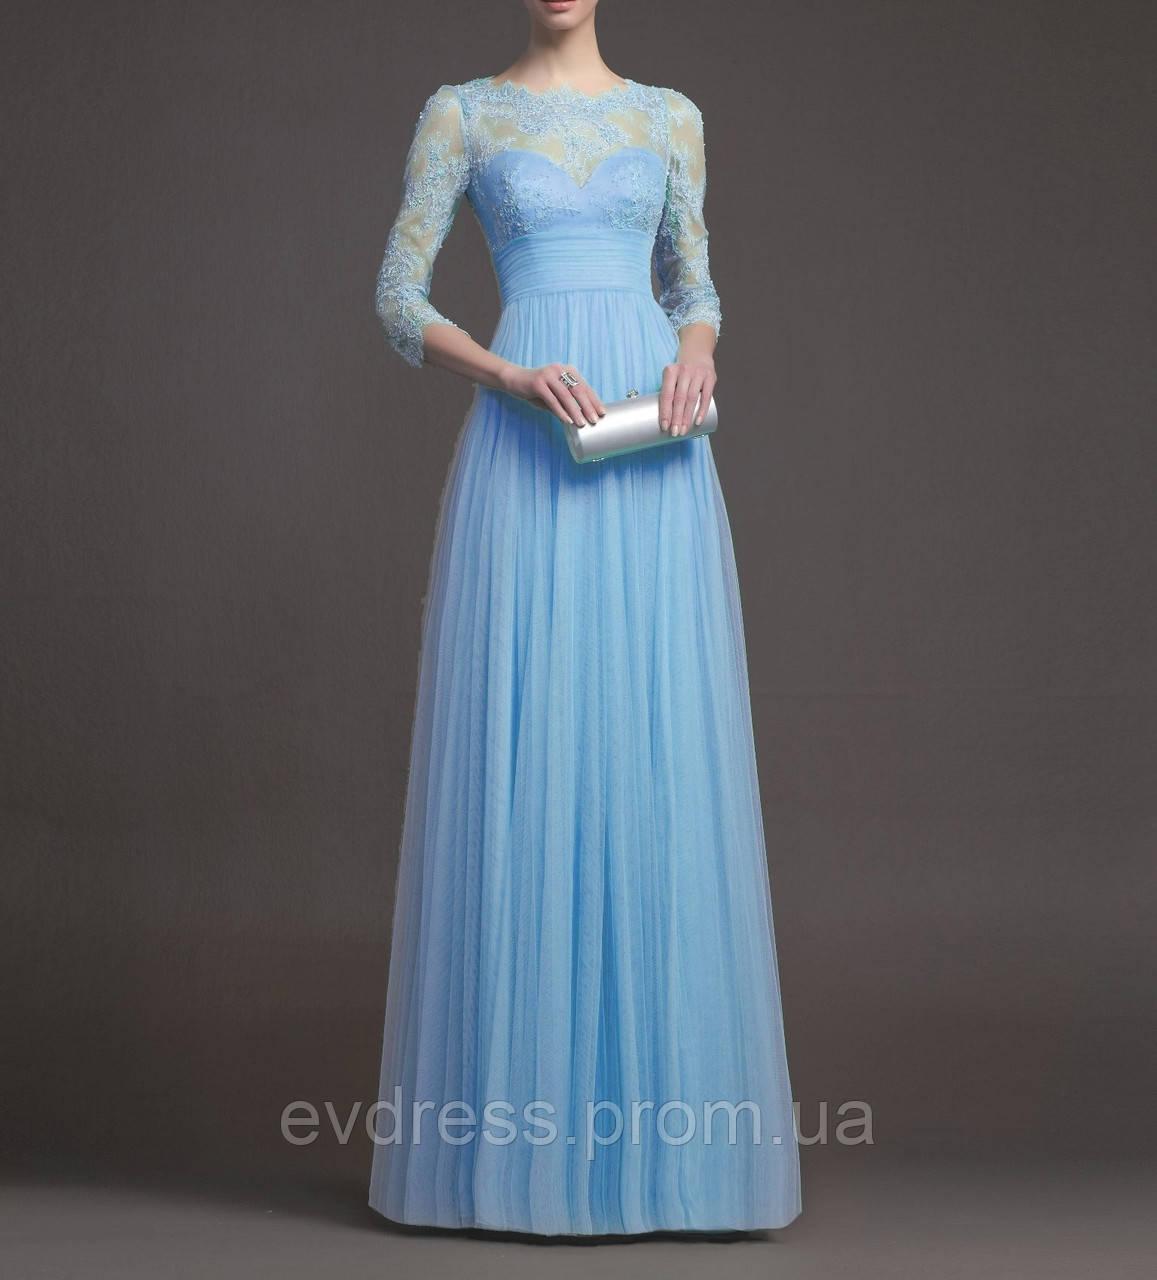 16a833422645 Голубое Вечернее Макси Платье с Рукавами 3 4 на Свадьбу, Выпускной -  Интернет-